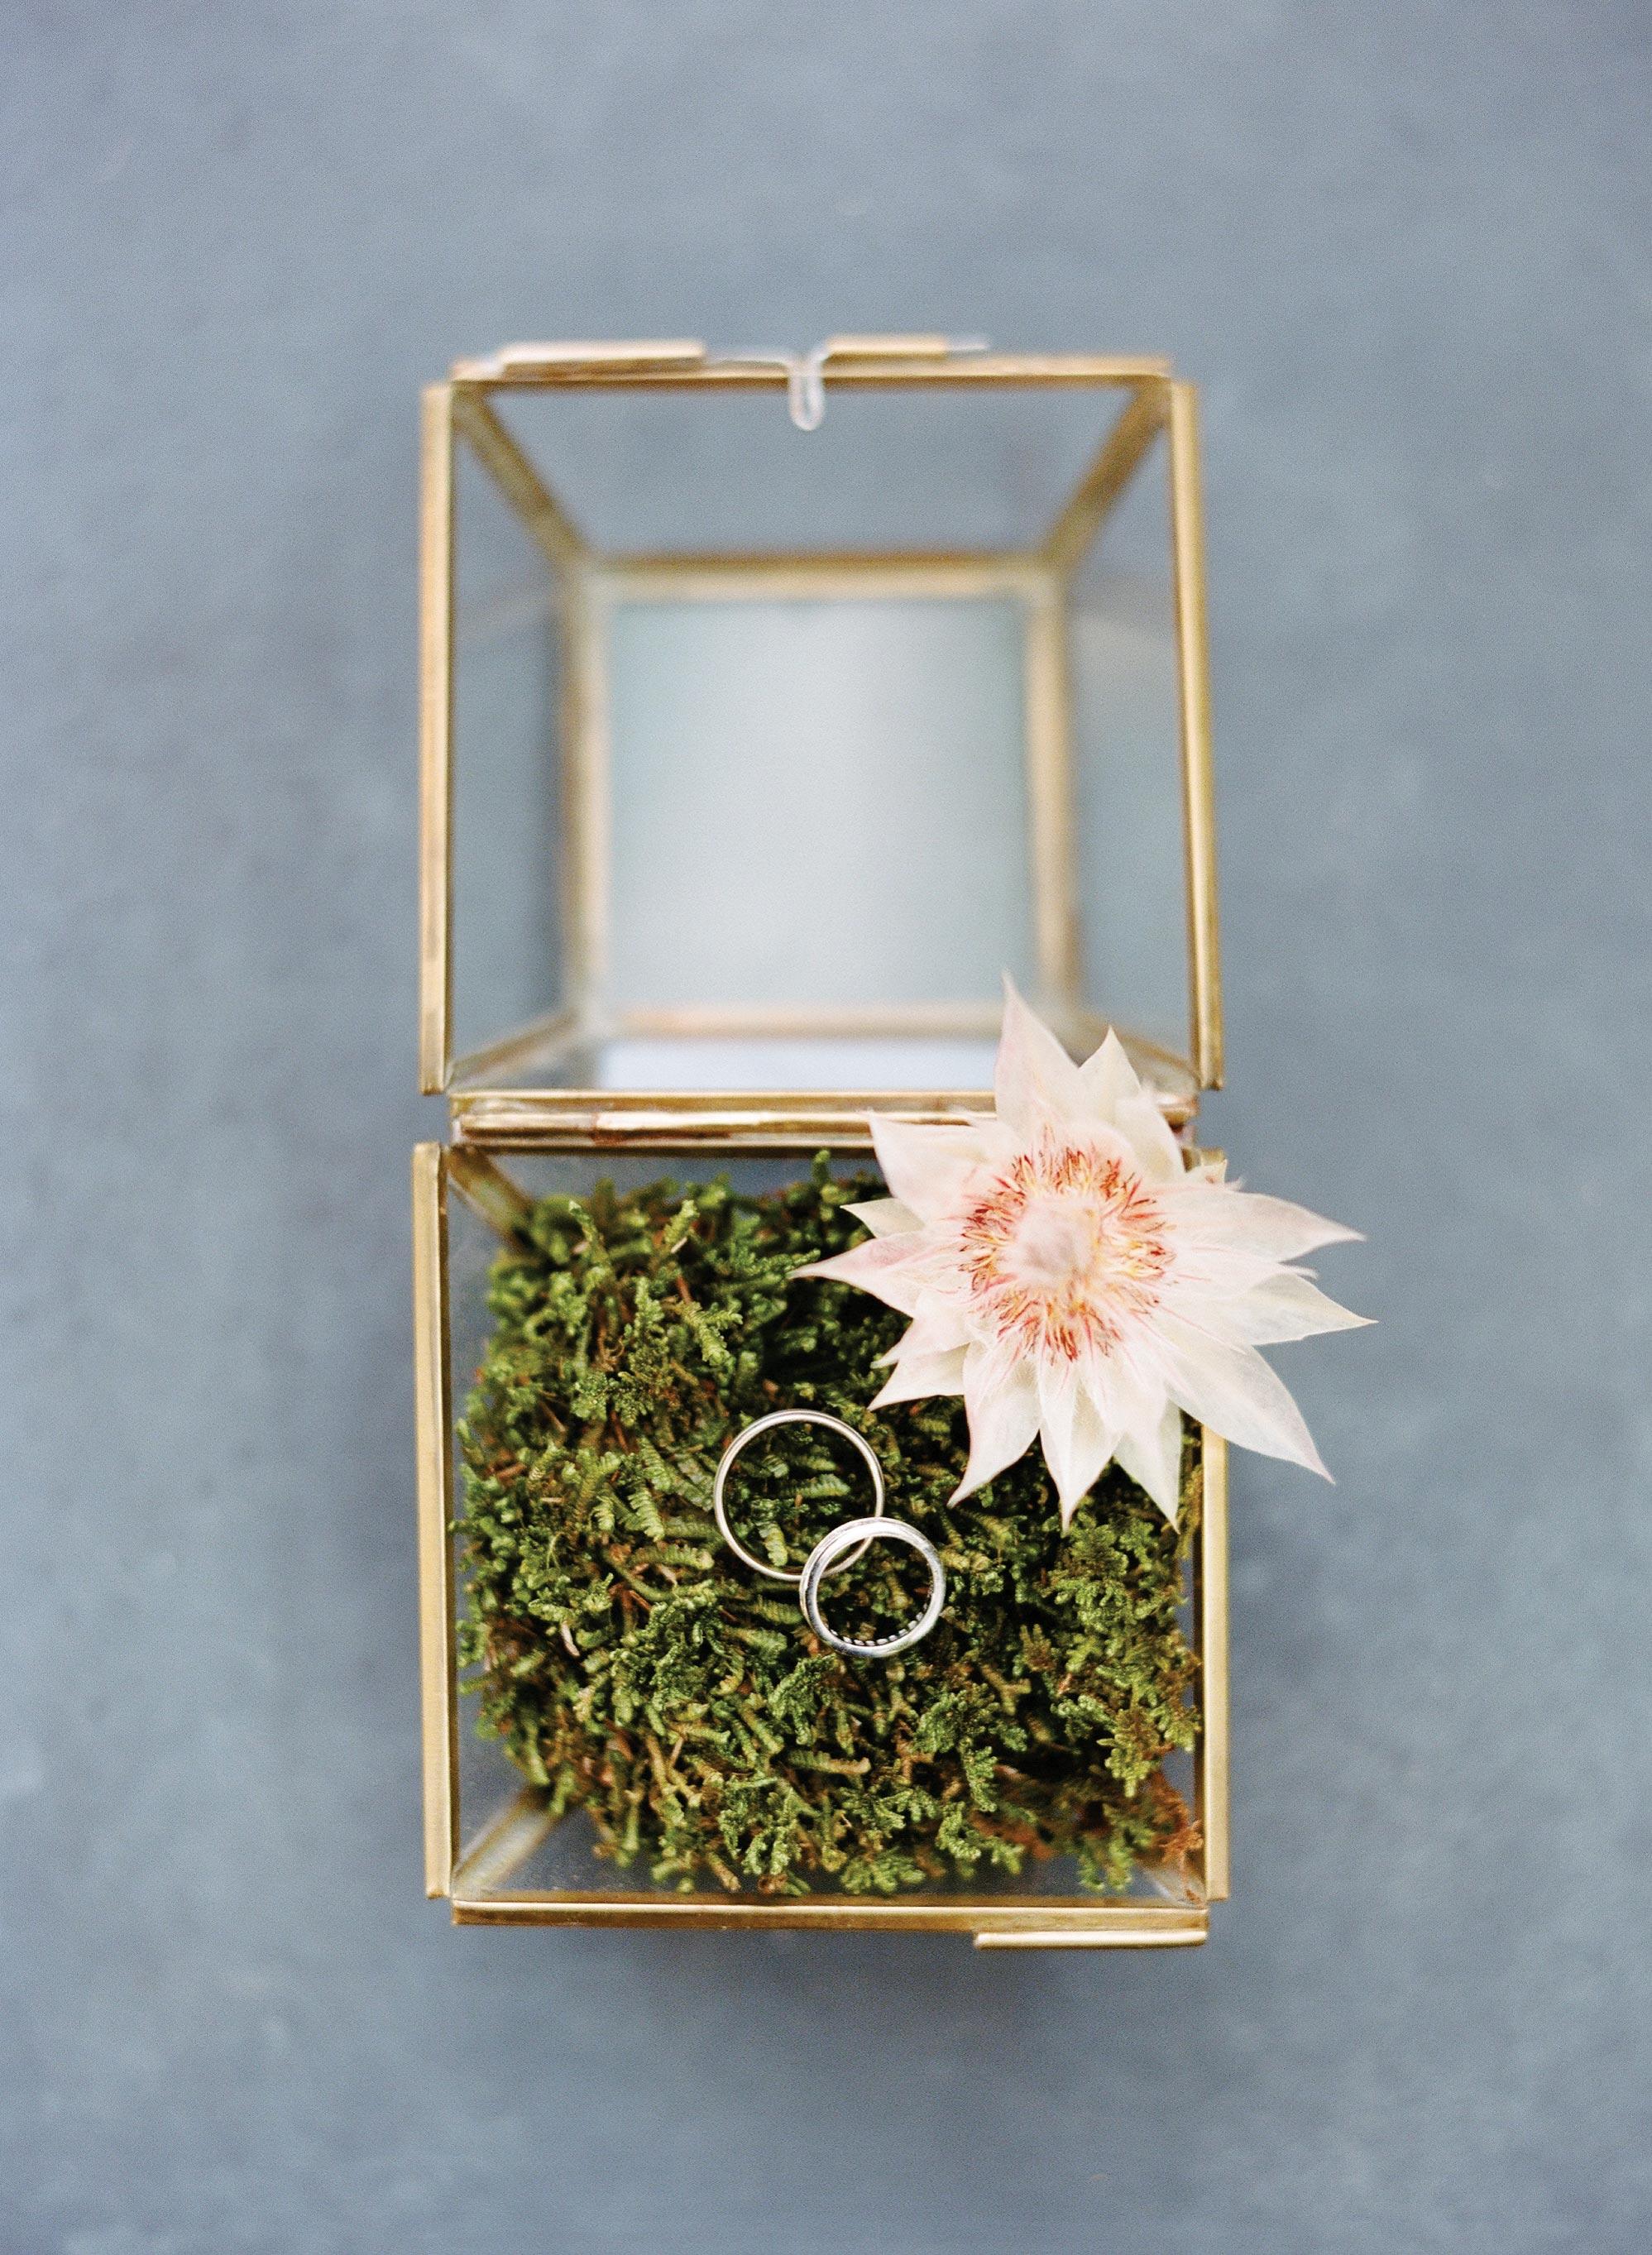 glara matthew wedding ring box